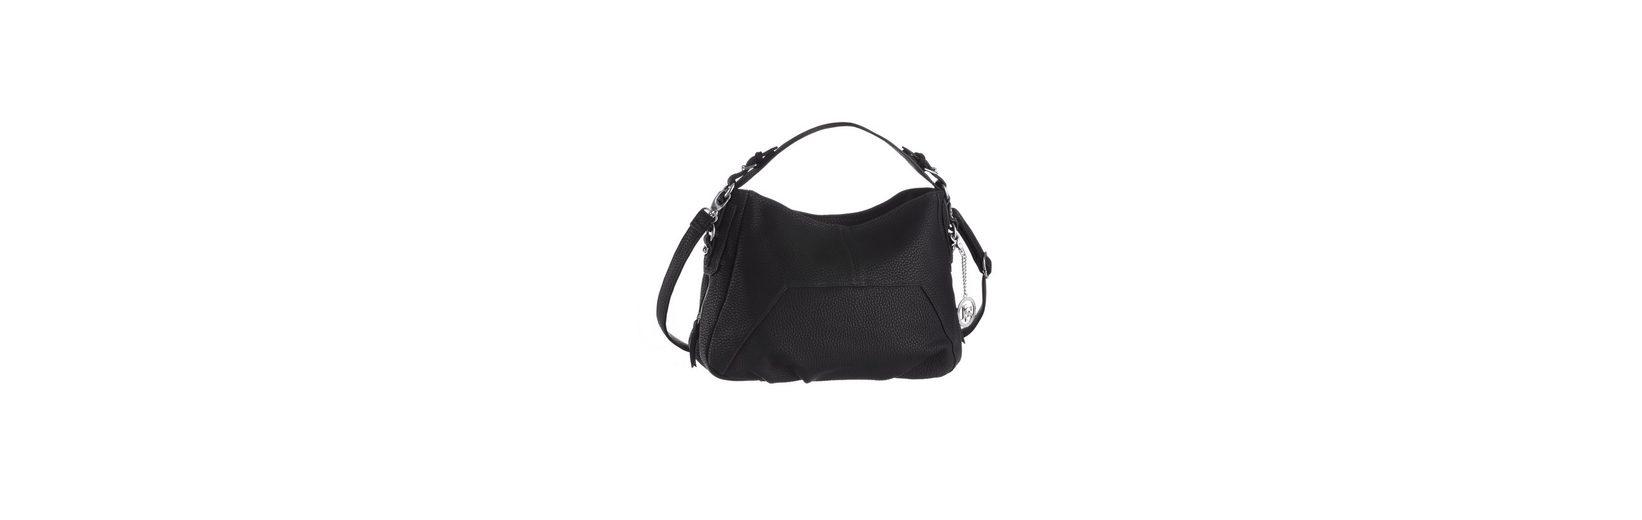 Laura Scott Hobo Bag mit Reißverschlussapplikation